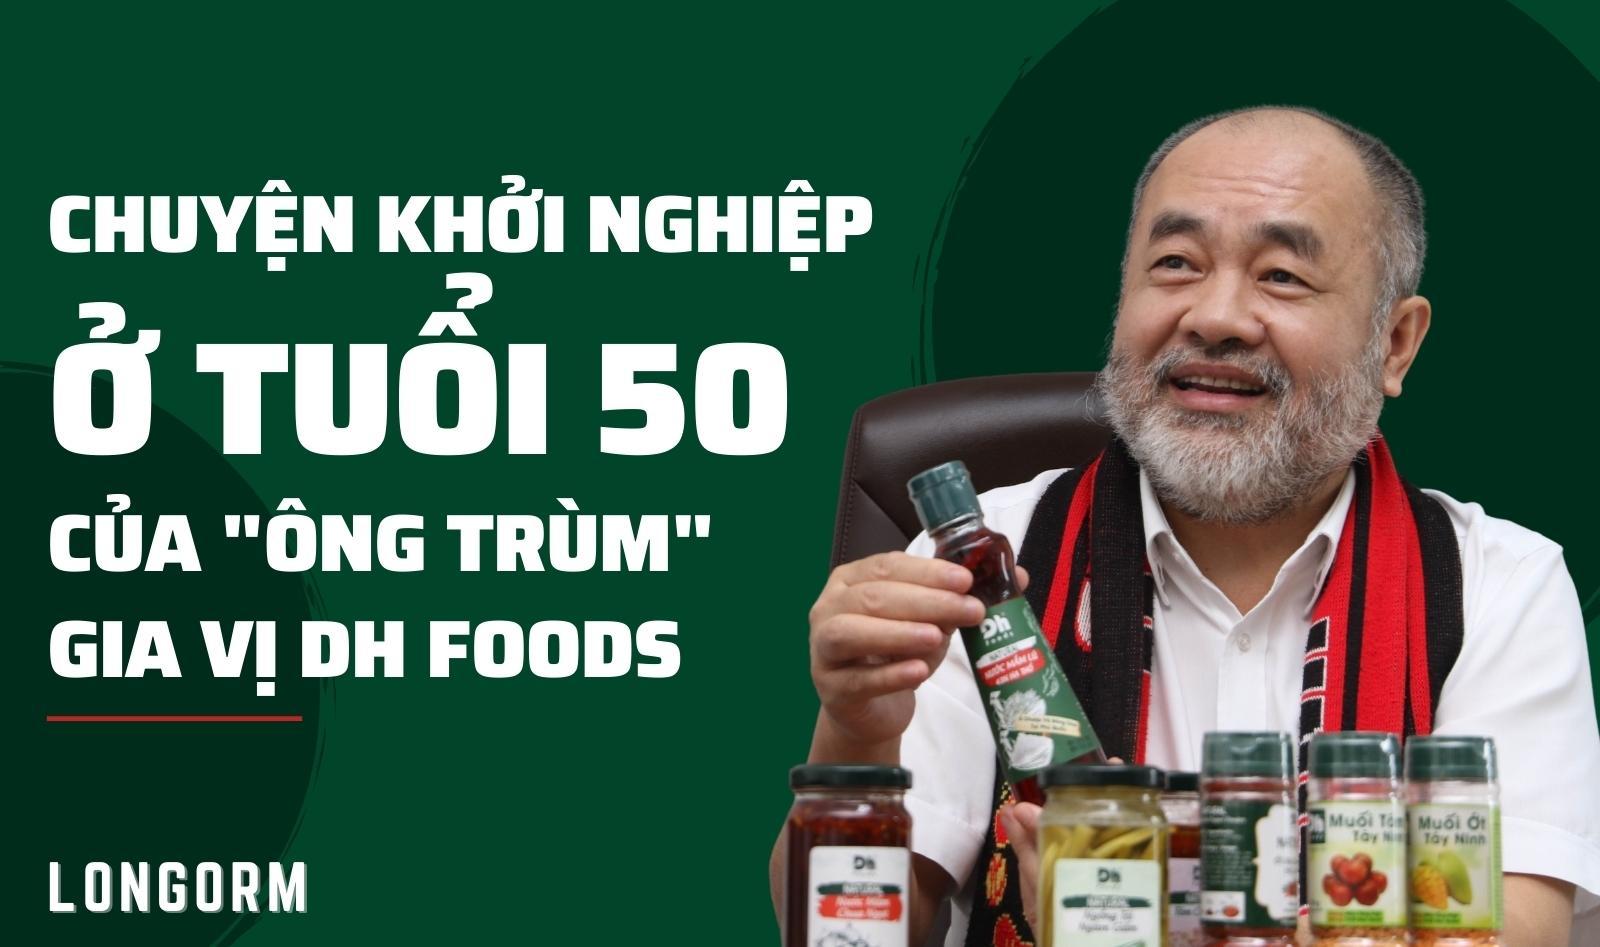 Nội dung: Anh Hoa | Ảnh: Lê Toàn, Dh Foods | Thiết kế: Hồ Hạ